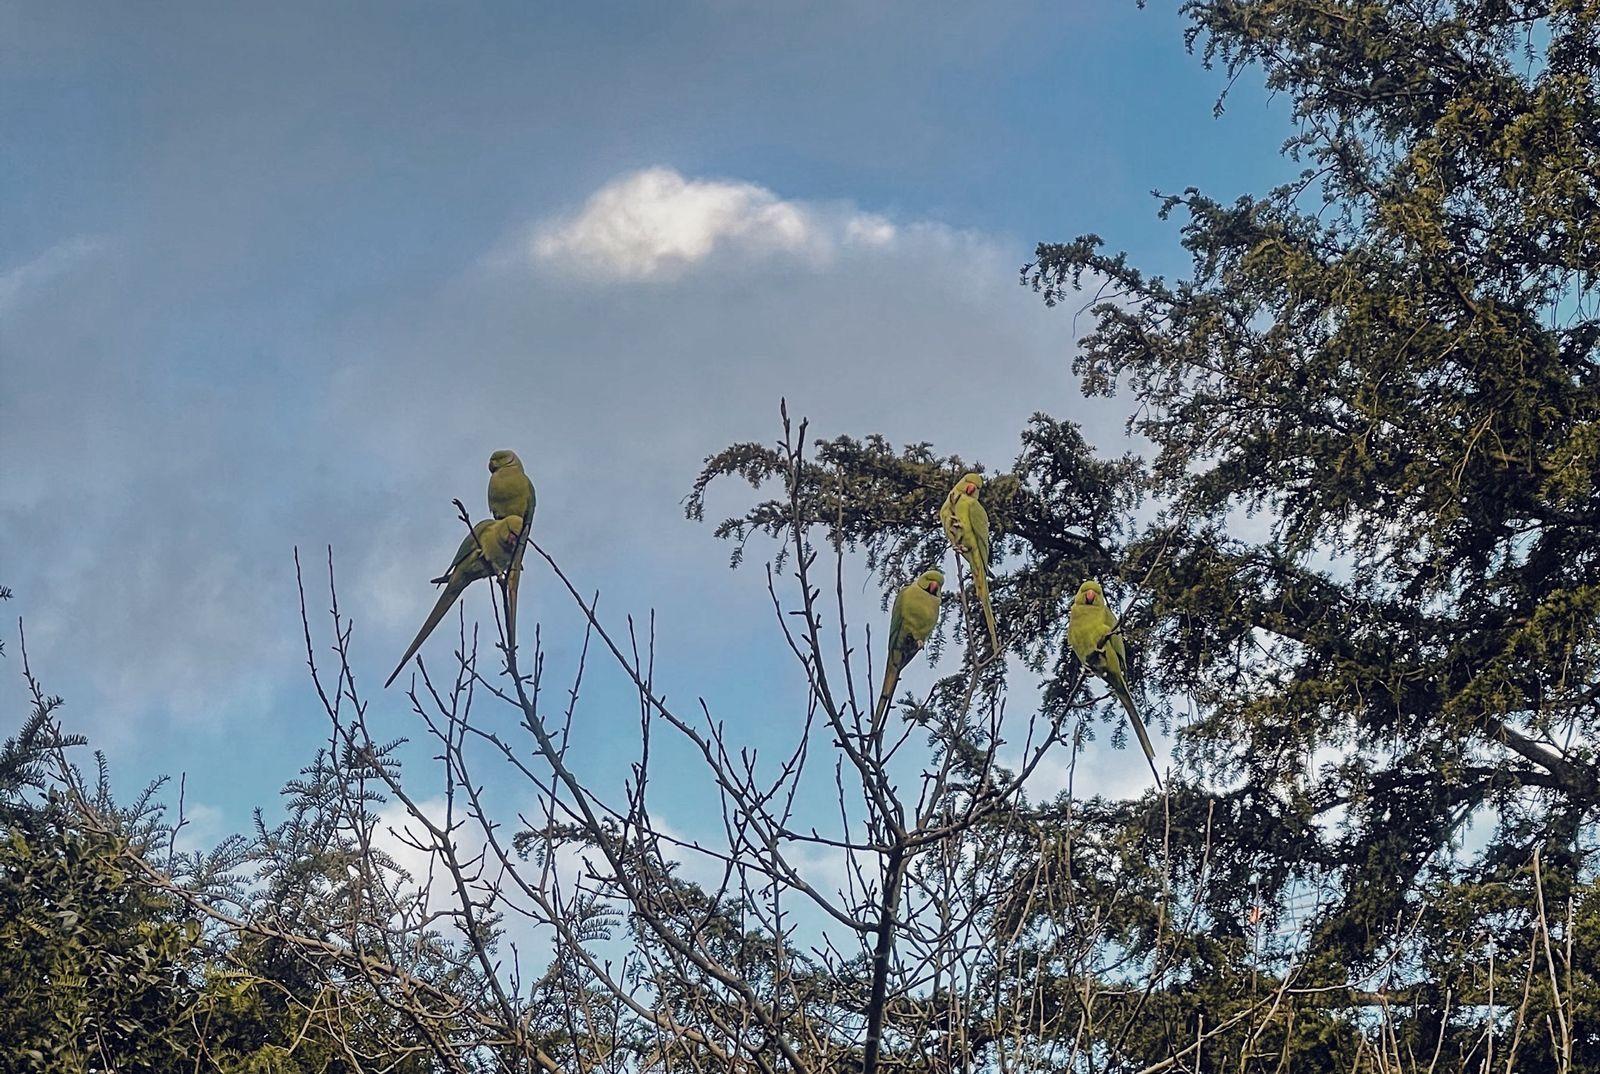 parakeets in the garden